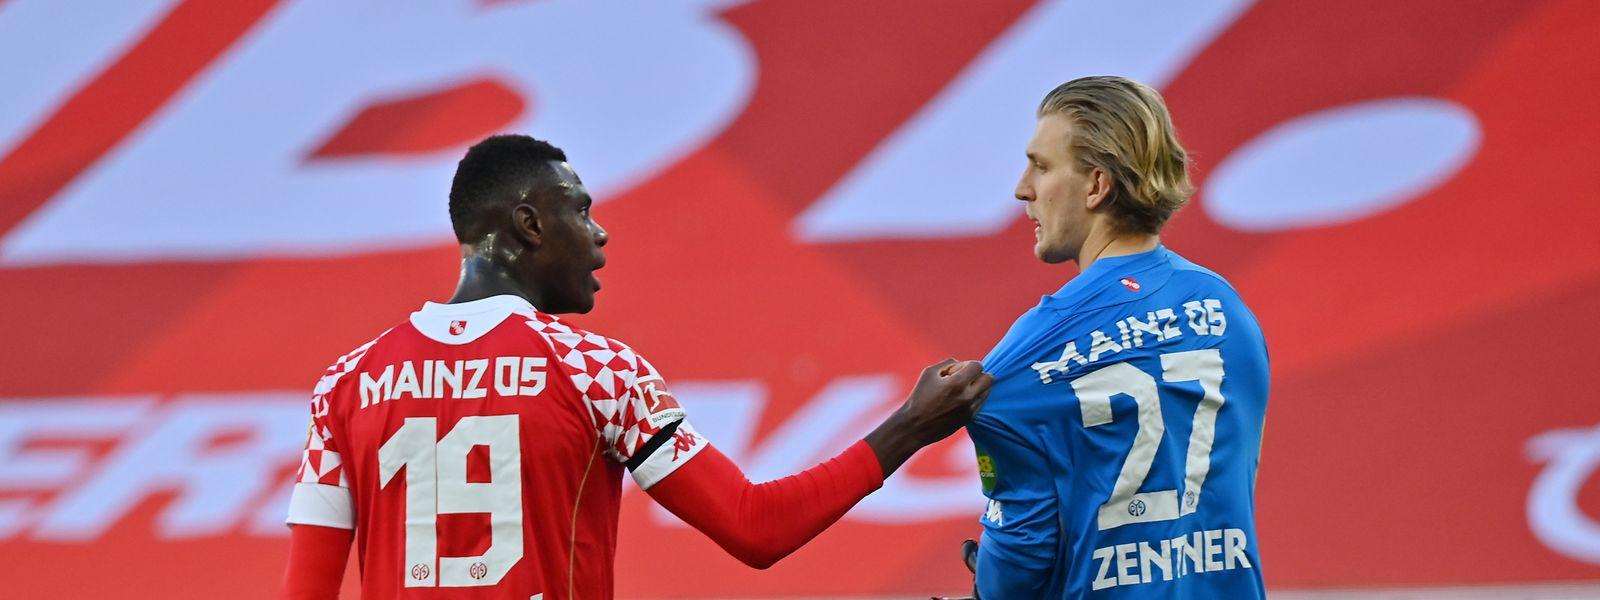 Moussa Niakhaté (l.) tröstet den Mainzer Torwart Robin Zentner, der sich gegen Augsburg einen folgenschweren Fehler leistet.